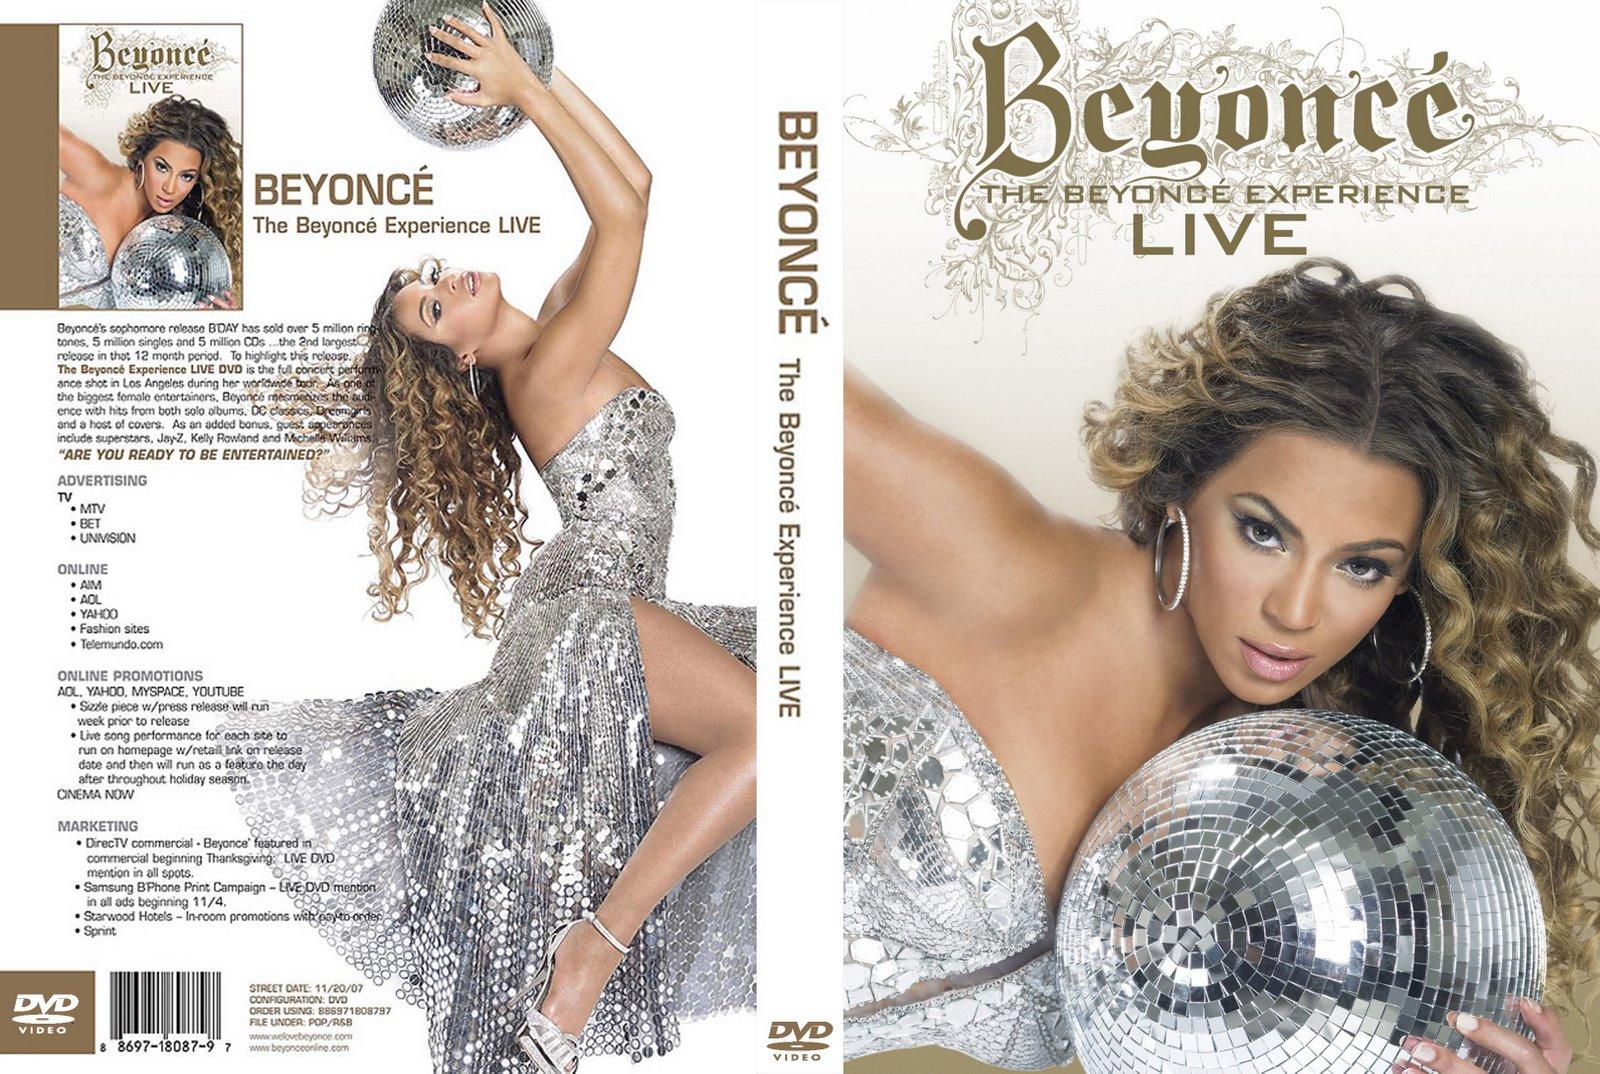 http://2.bp.blogspot.com/_brcl7Spzbn4/TJC-RnaprBI/AAAAAAAAAeU/ZwHeIb2aheY/s1600/Beyonce+Live+Experience.jpg